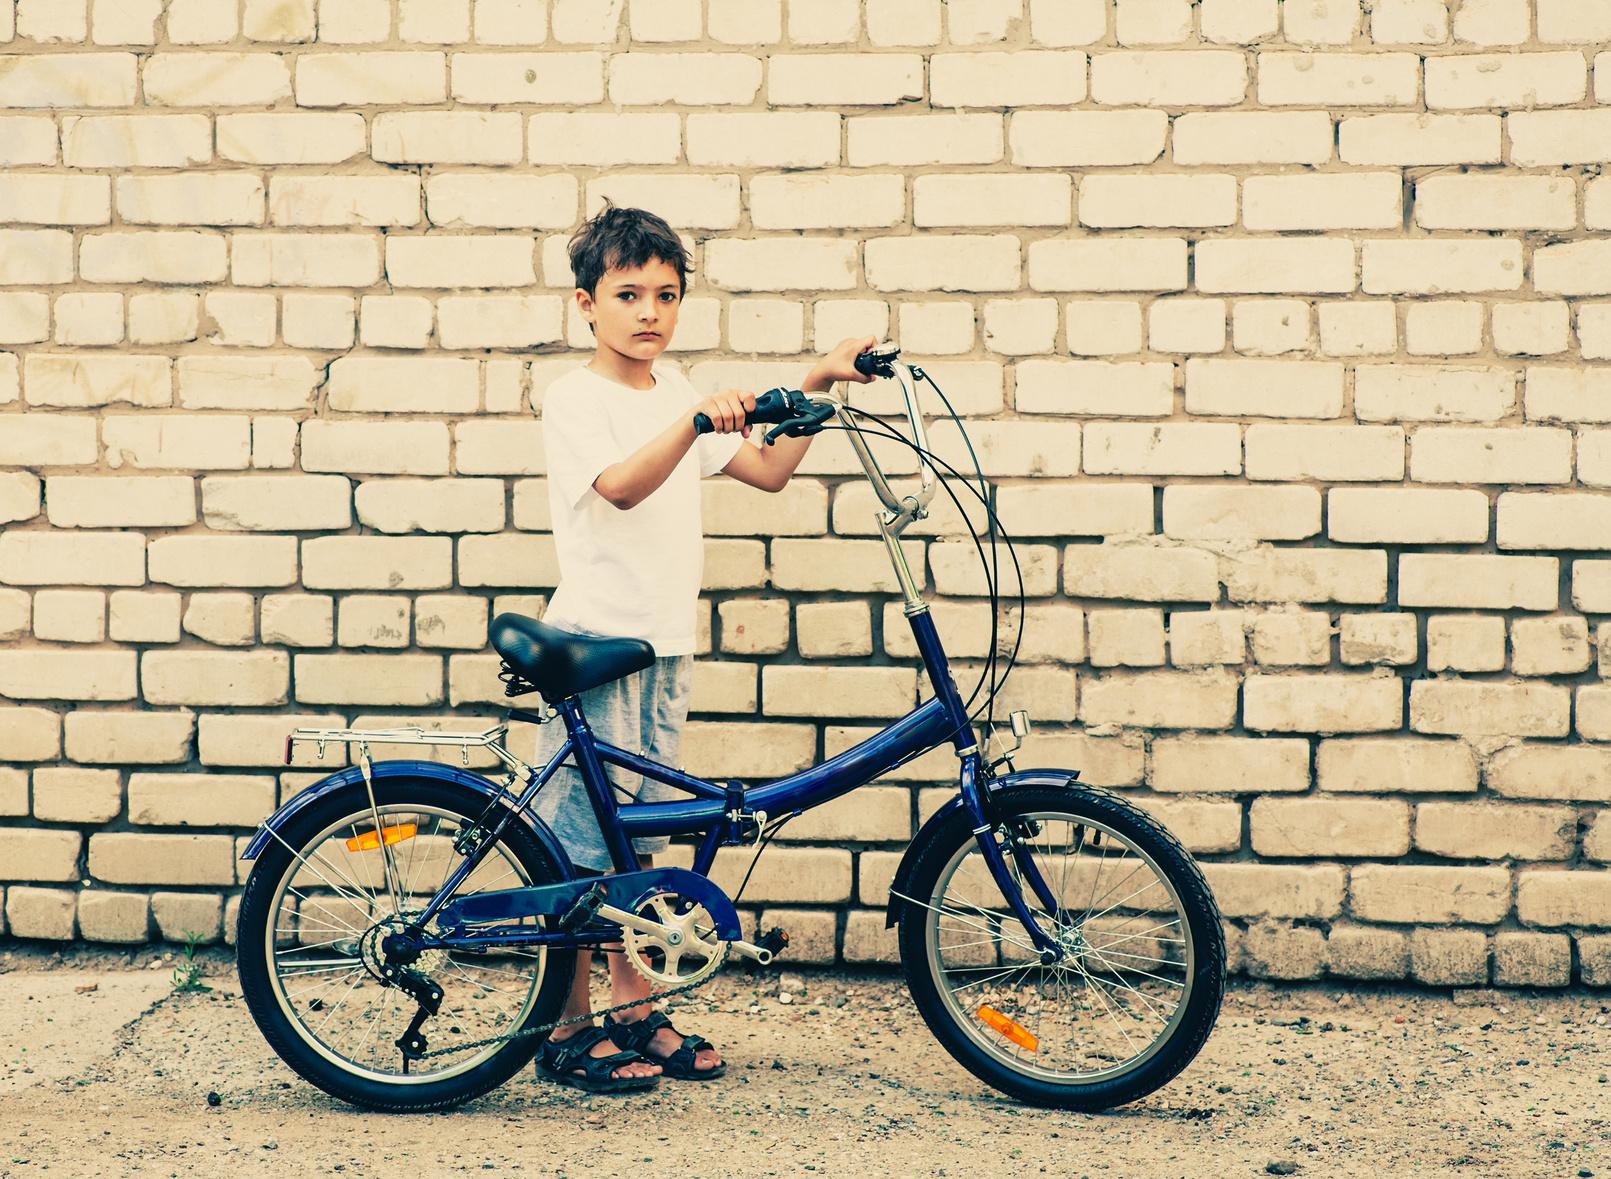 Diebstahl Aus Zelt Versicherung : Fahrrad über hausratversicherung vor diebstahl absichern